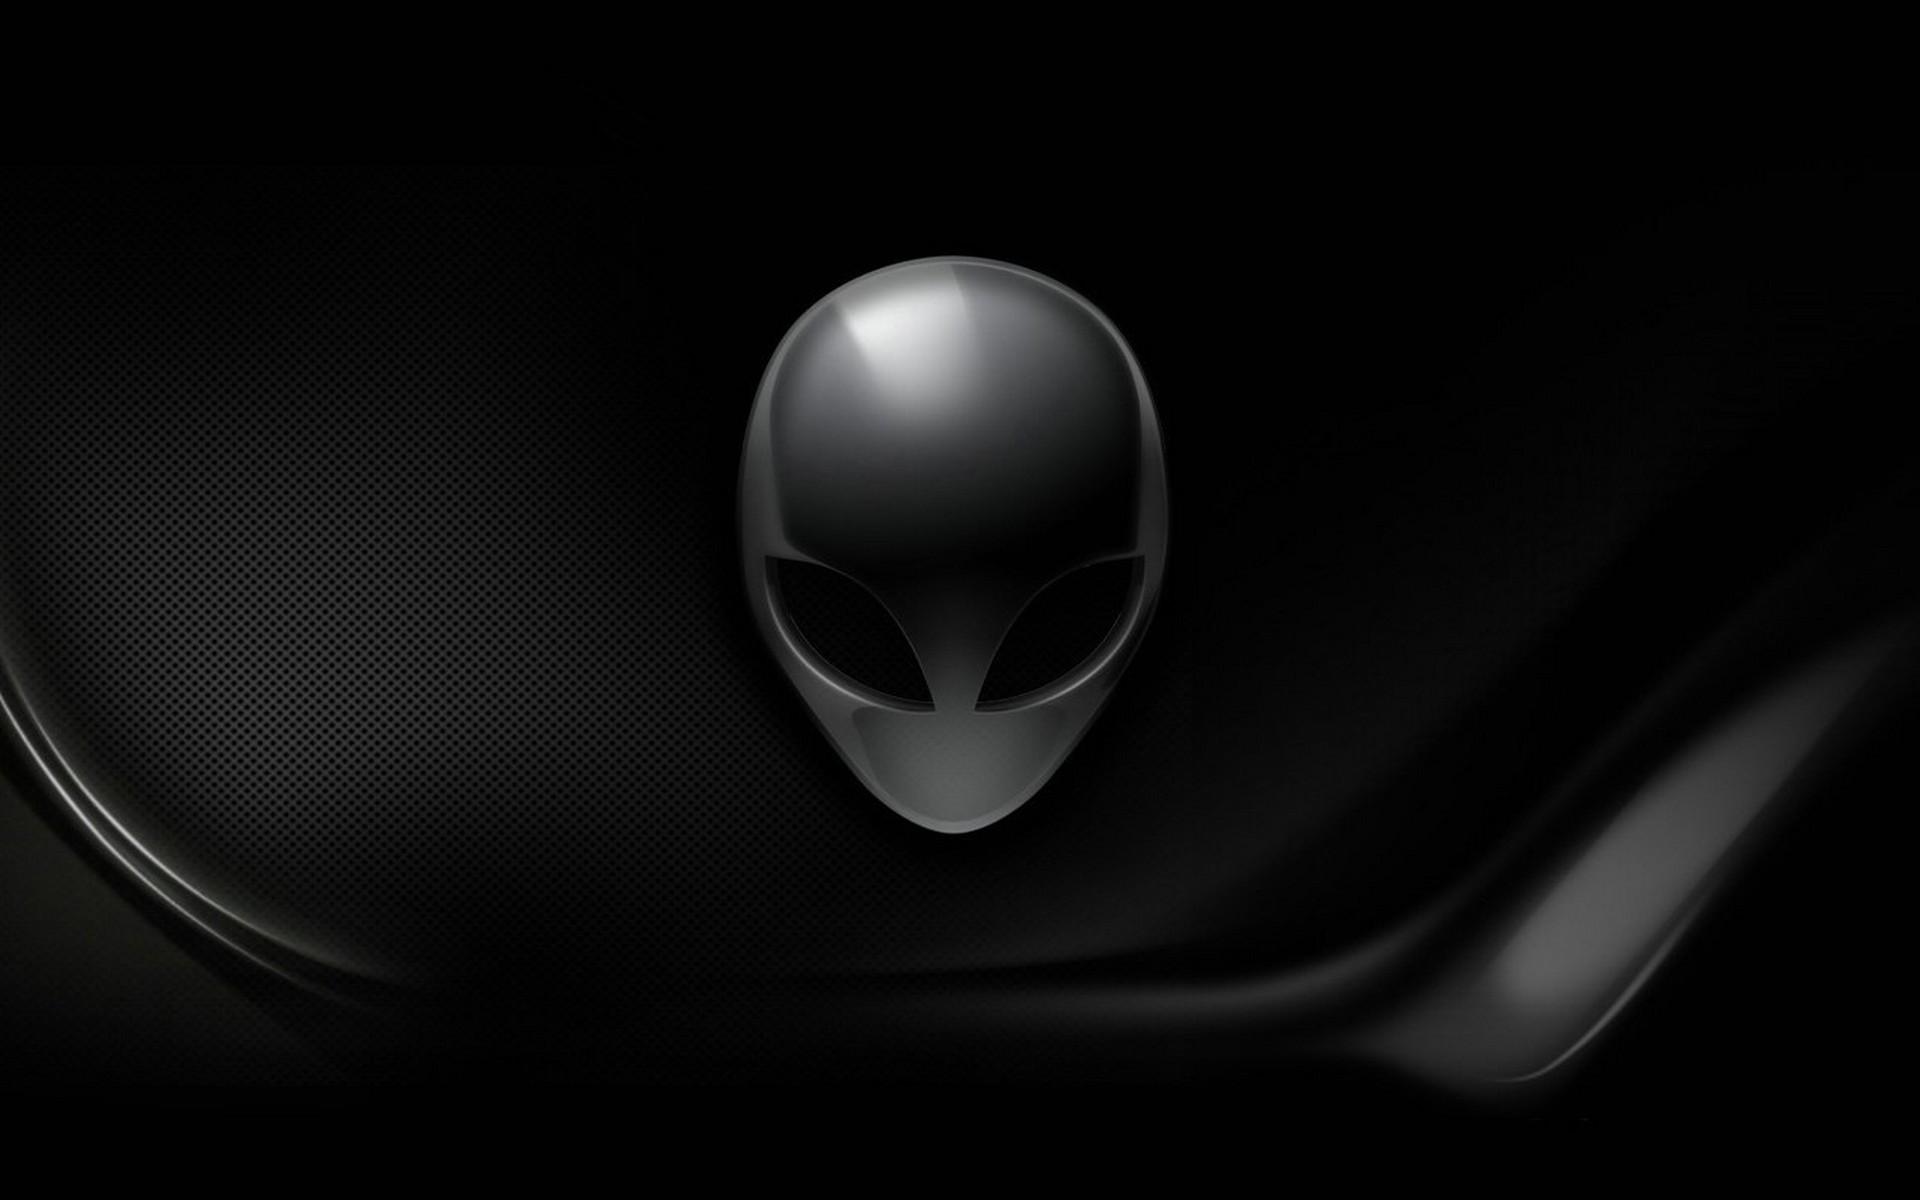 外星人 高清壁紙 | 桌面背景 | 1920x1200 | ID:359287 - Wallpaper Abyss